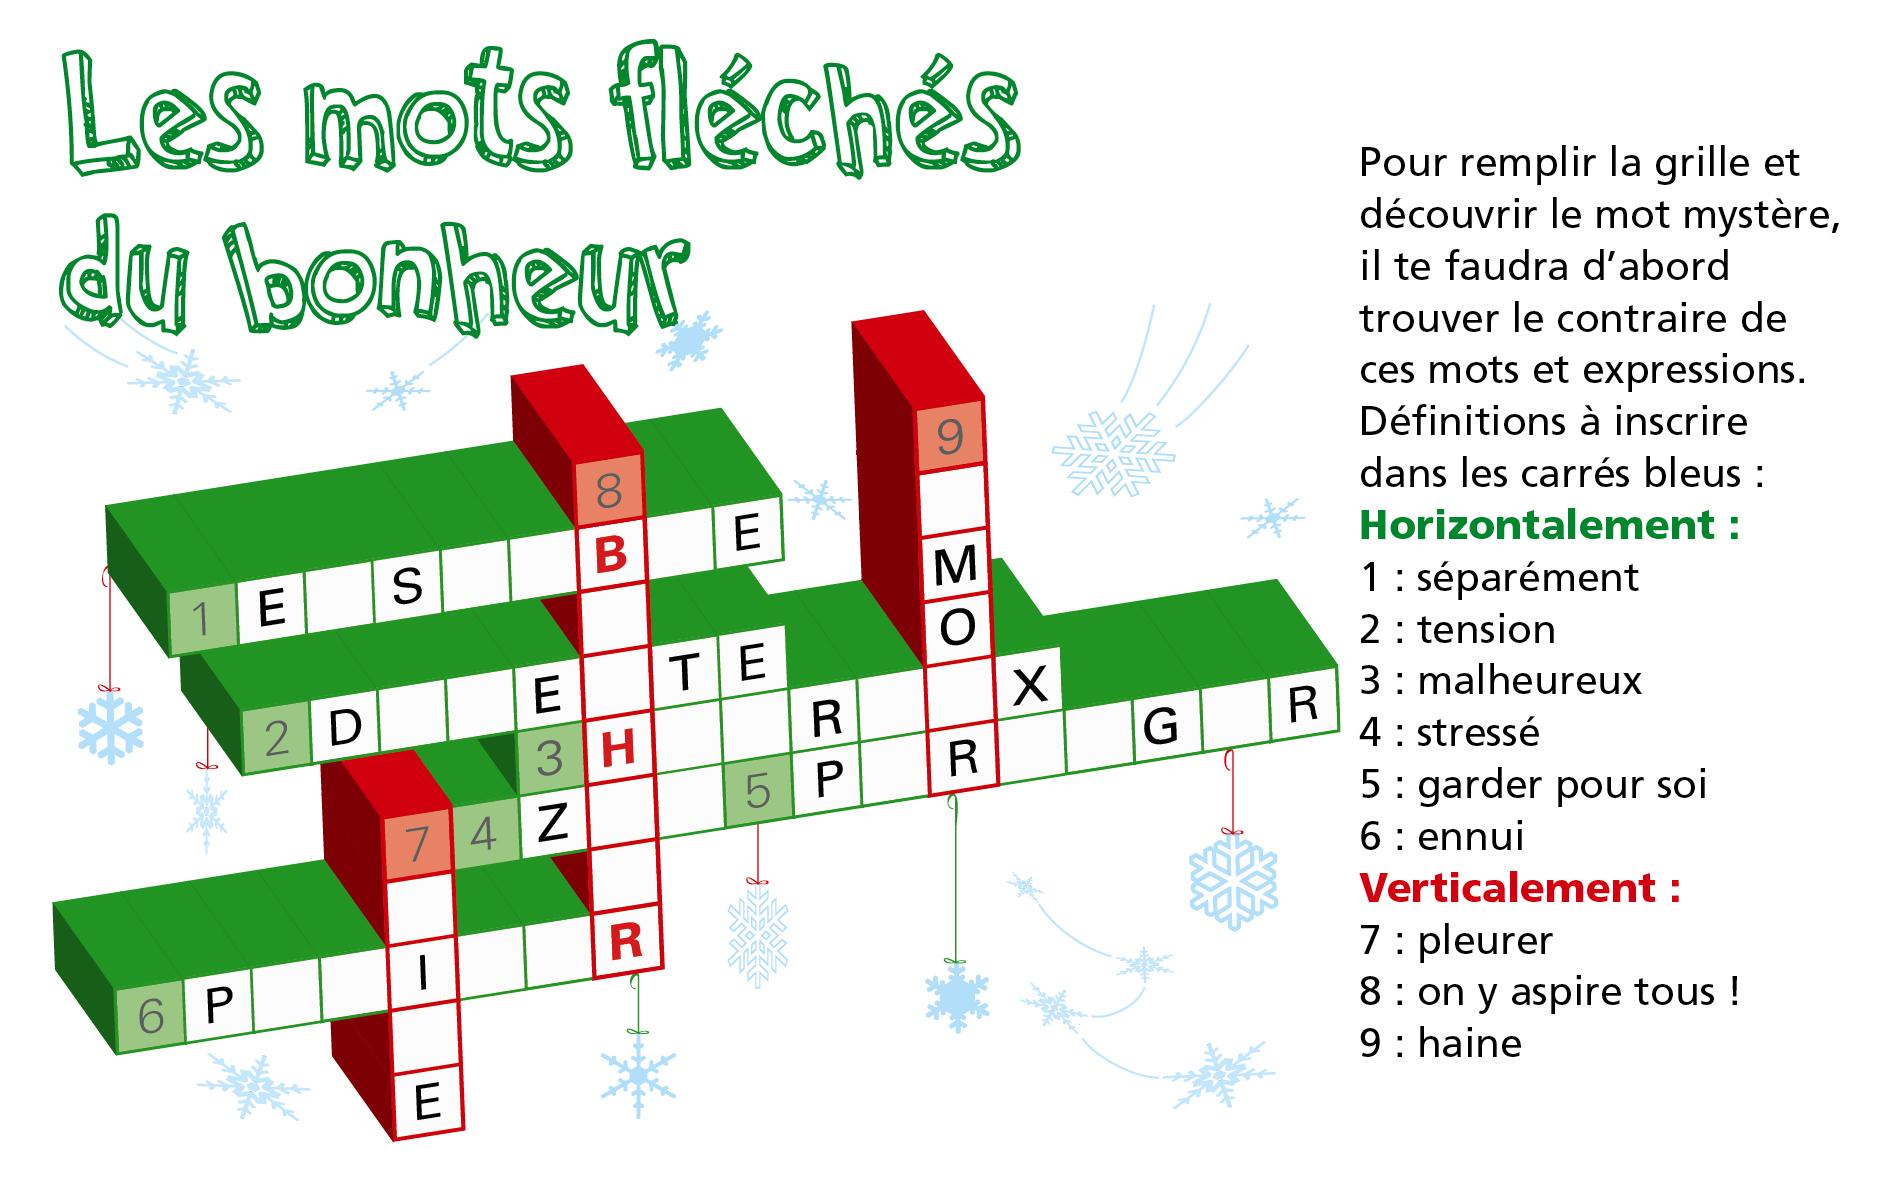 Les Mots Fléchés Du Bonheur / Jeu Lig'up - Lig'up destiné Aide Pour Mots Fléchés Gratuit